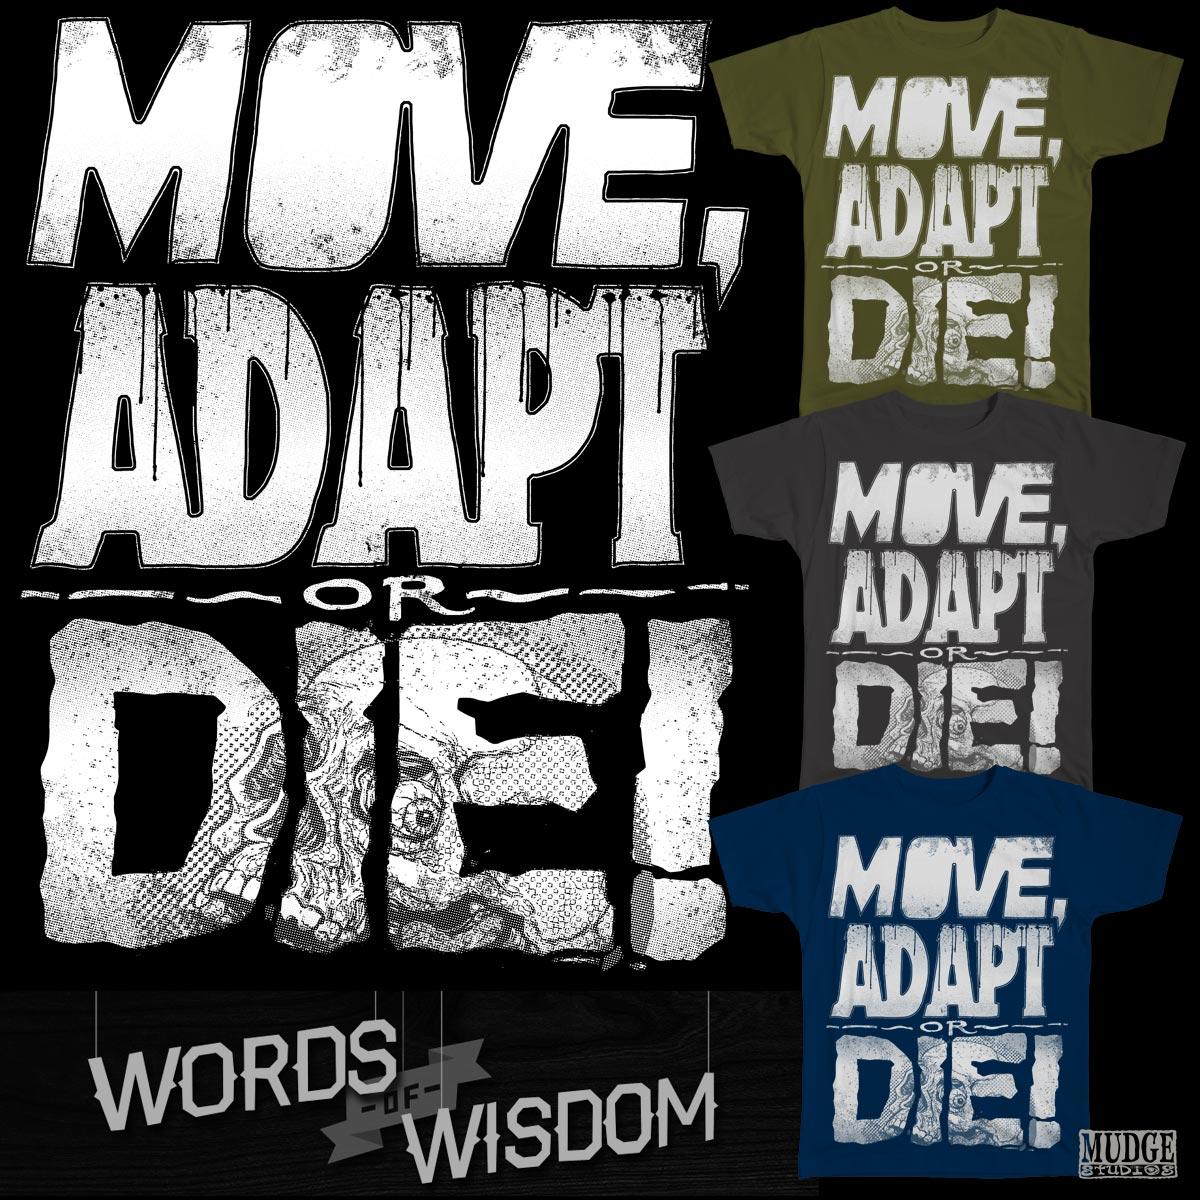 Move Adapt or Die by MudgeStudios on Threadless